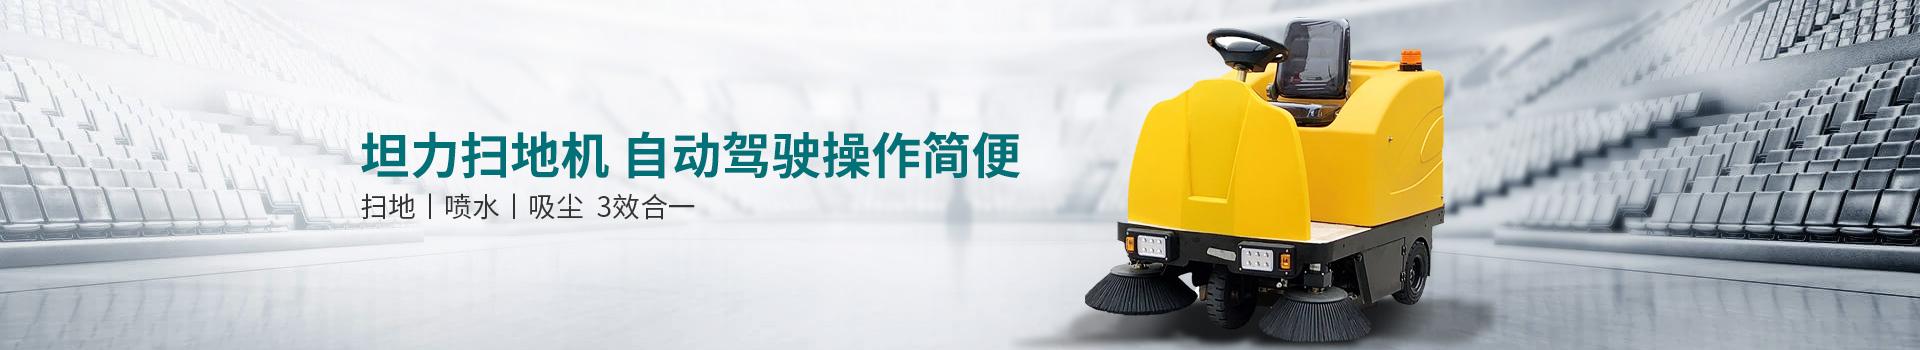 坦力清洁设备扫地机,自动驾驶操作简单